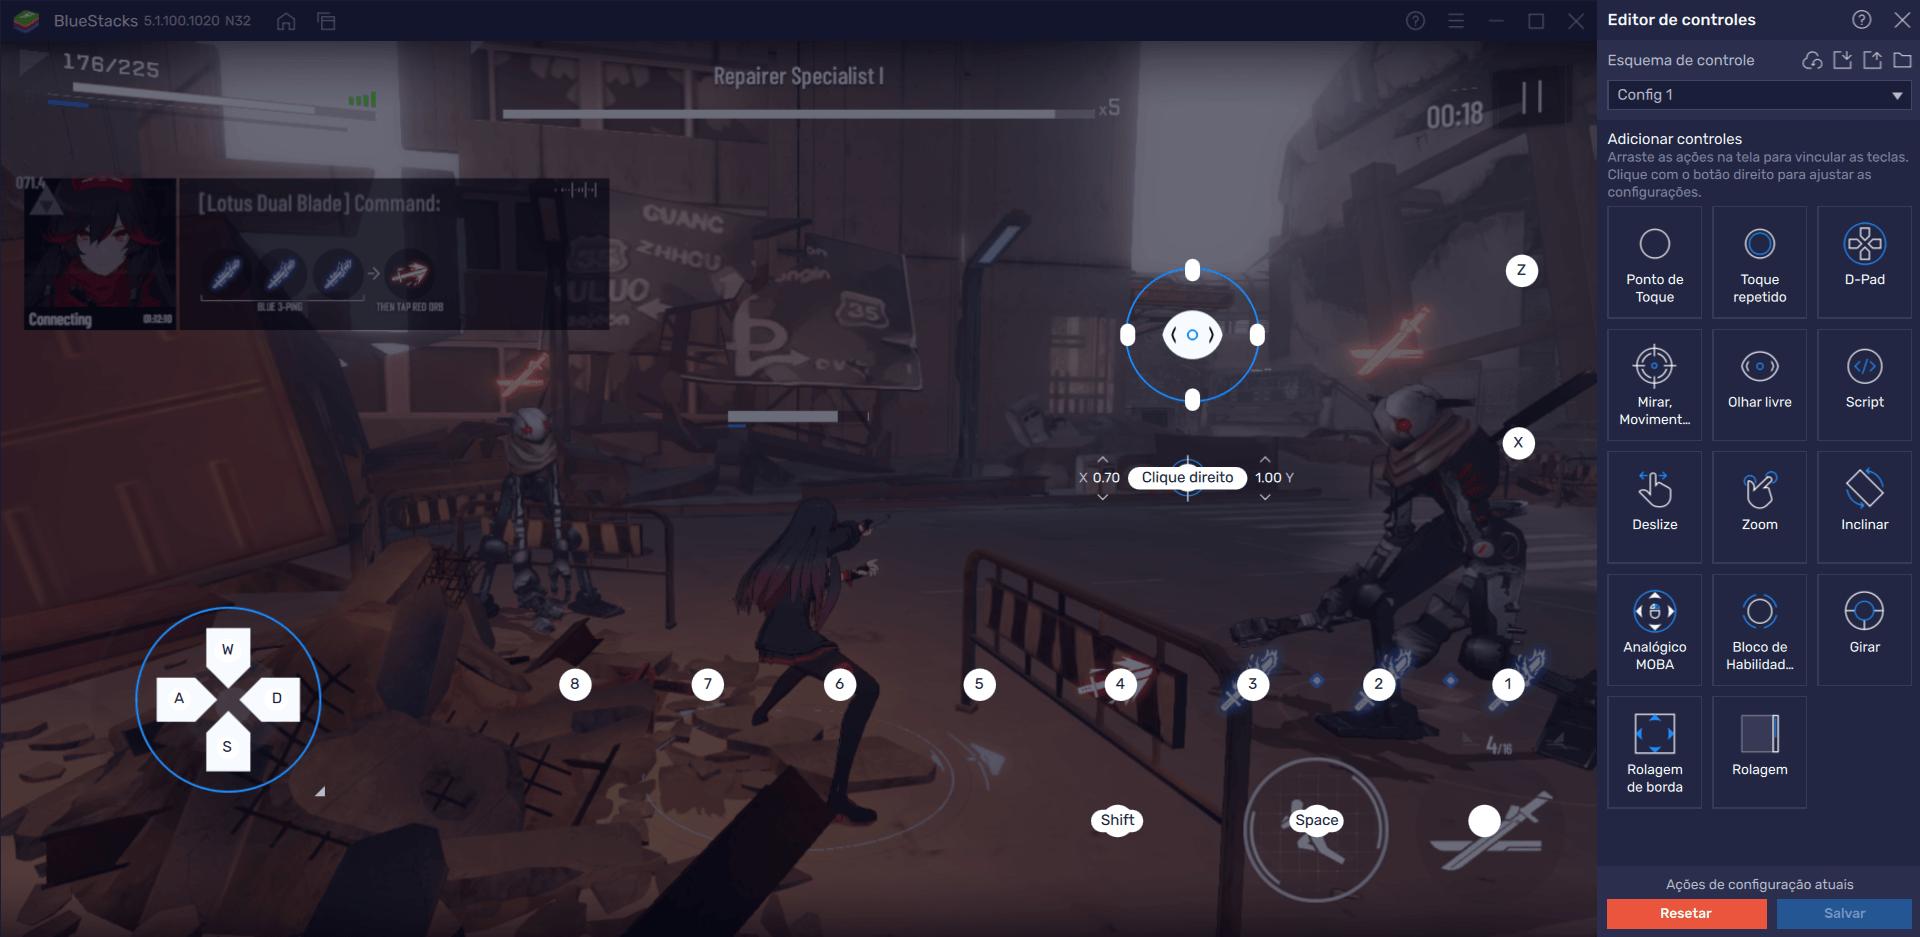 Como usar o BlueStacks para ter o máximo de desempenho no Punishing: Gray Raven